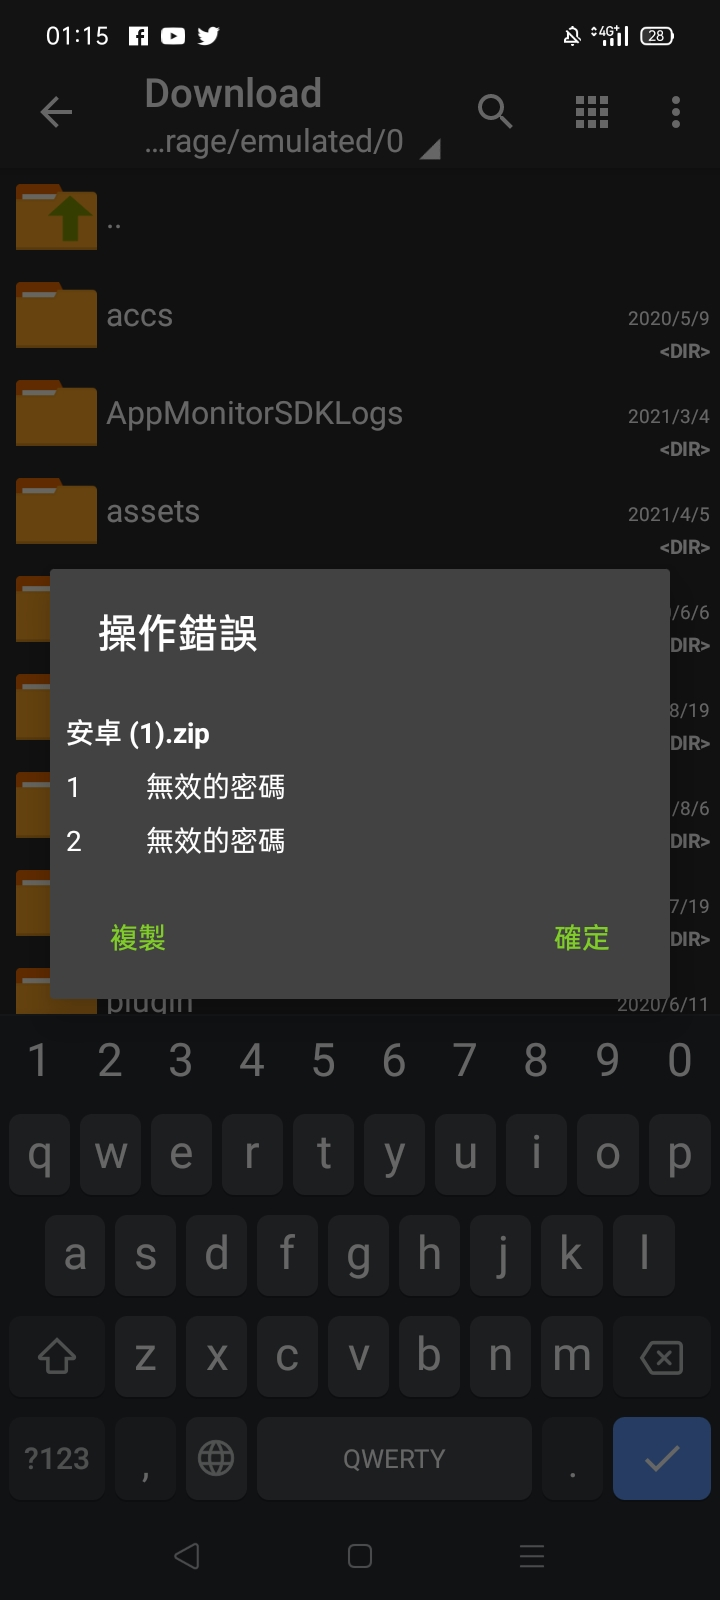 Screenshot_2021-08-28-01-15-40-75_db51e592e420a9871f4a37915a68789b.jpg